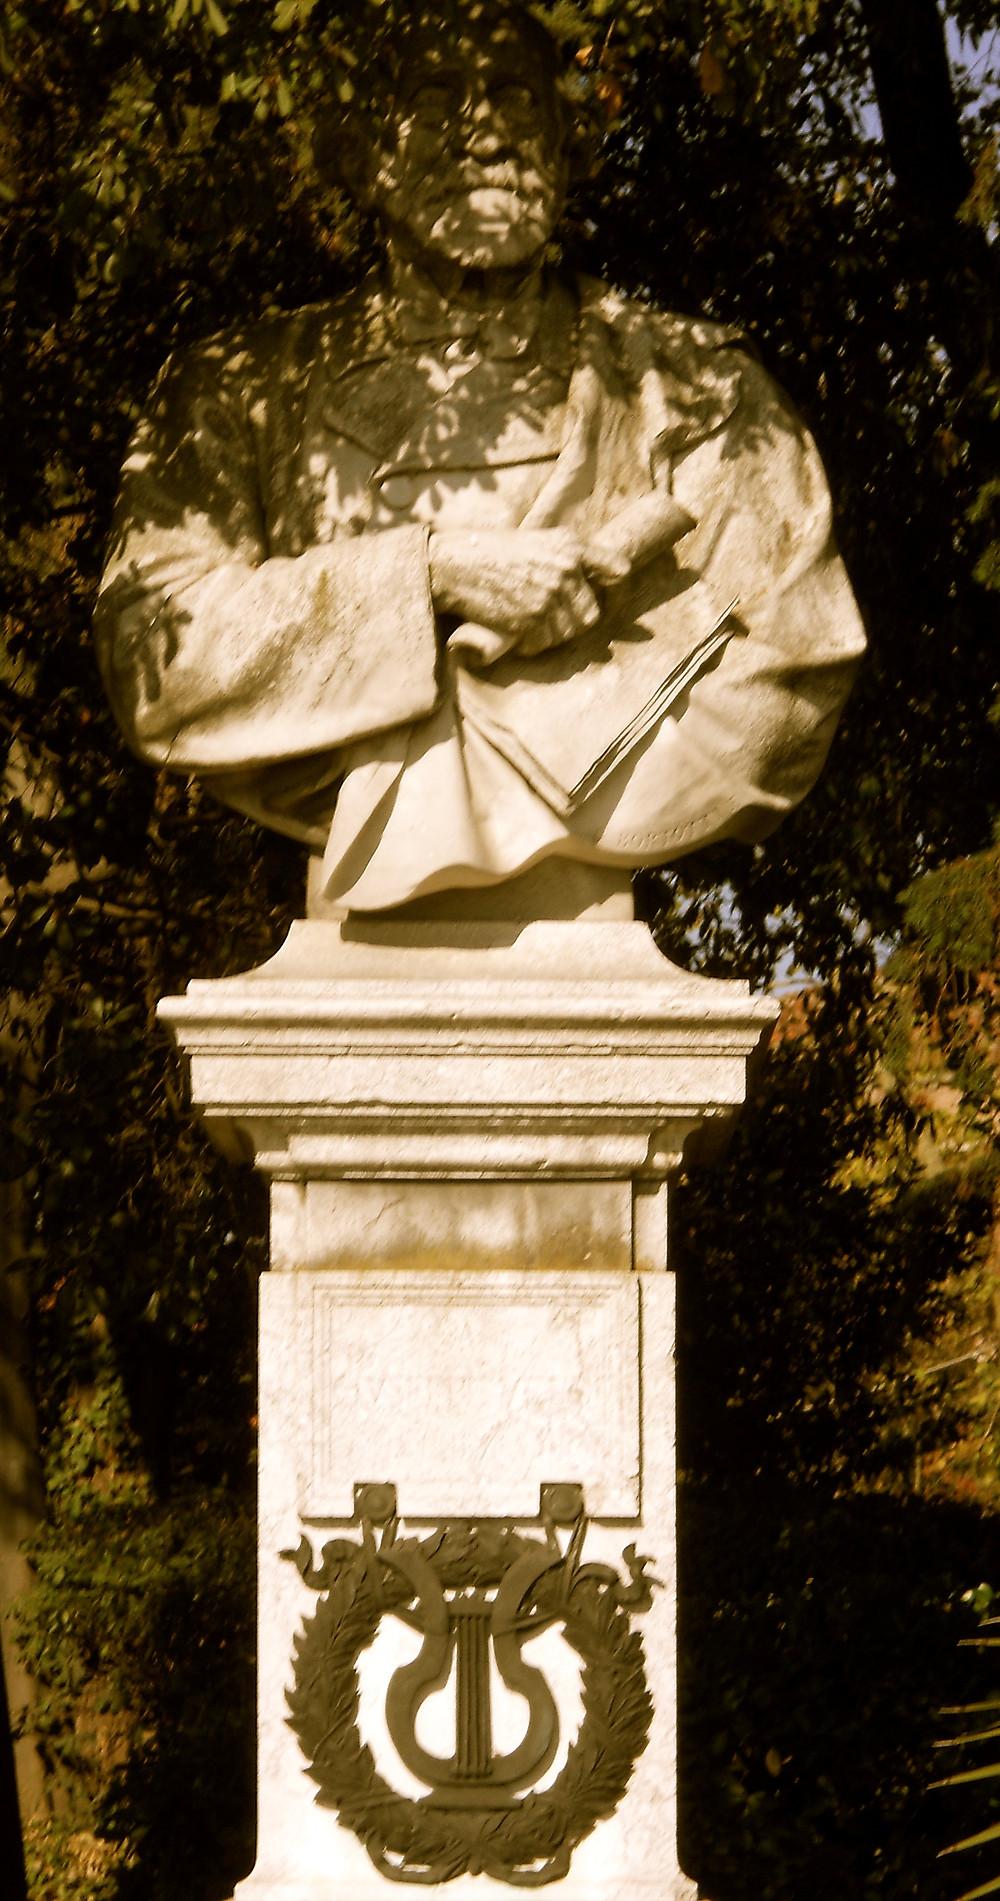 Verdi statue, Venice